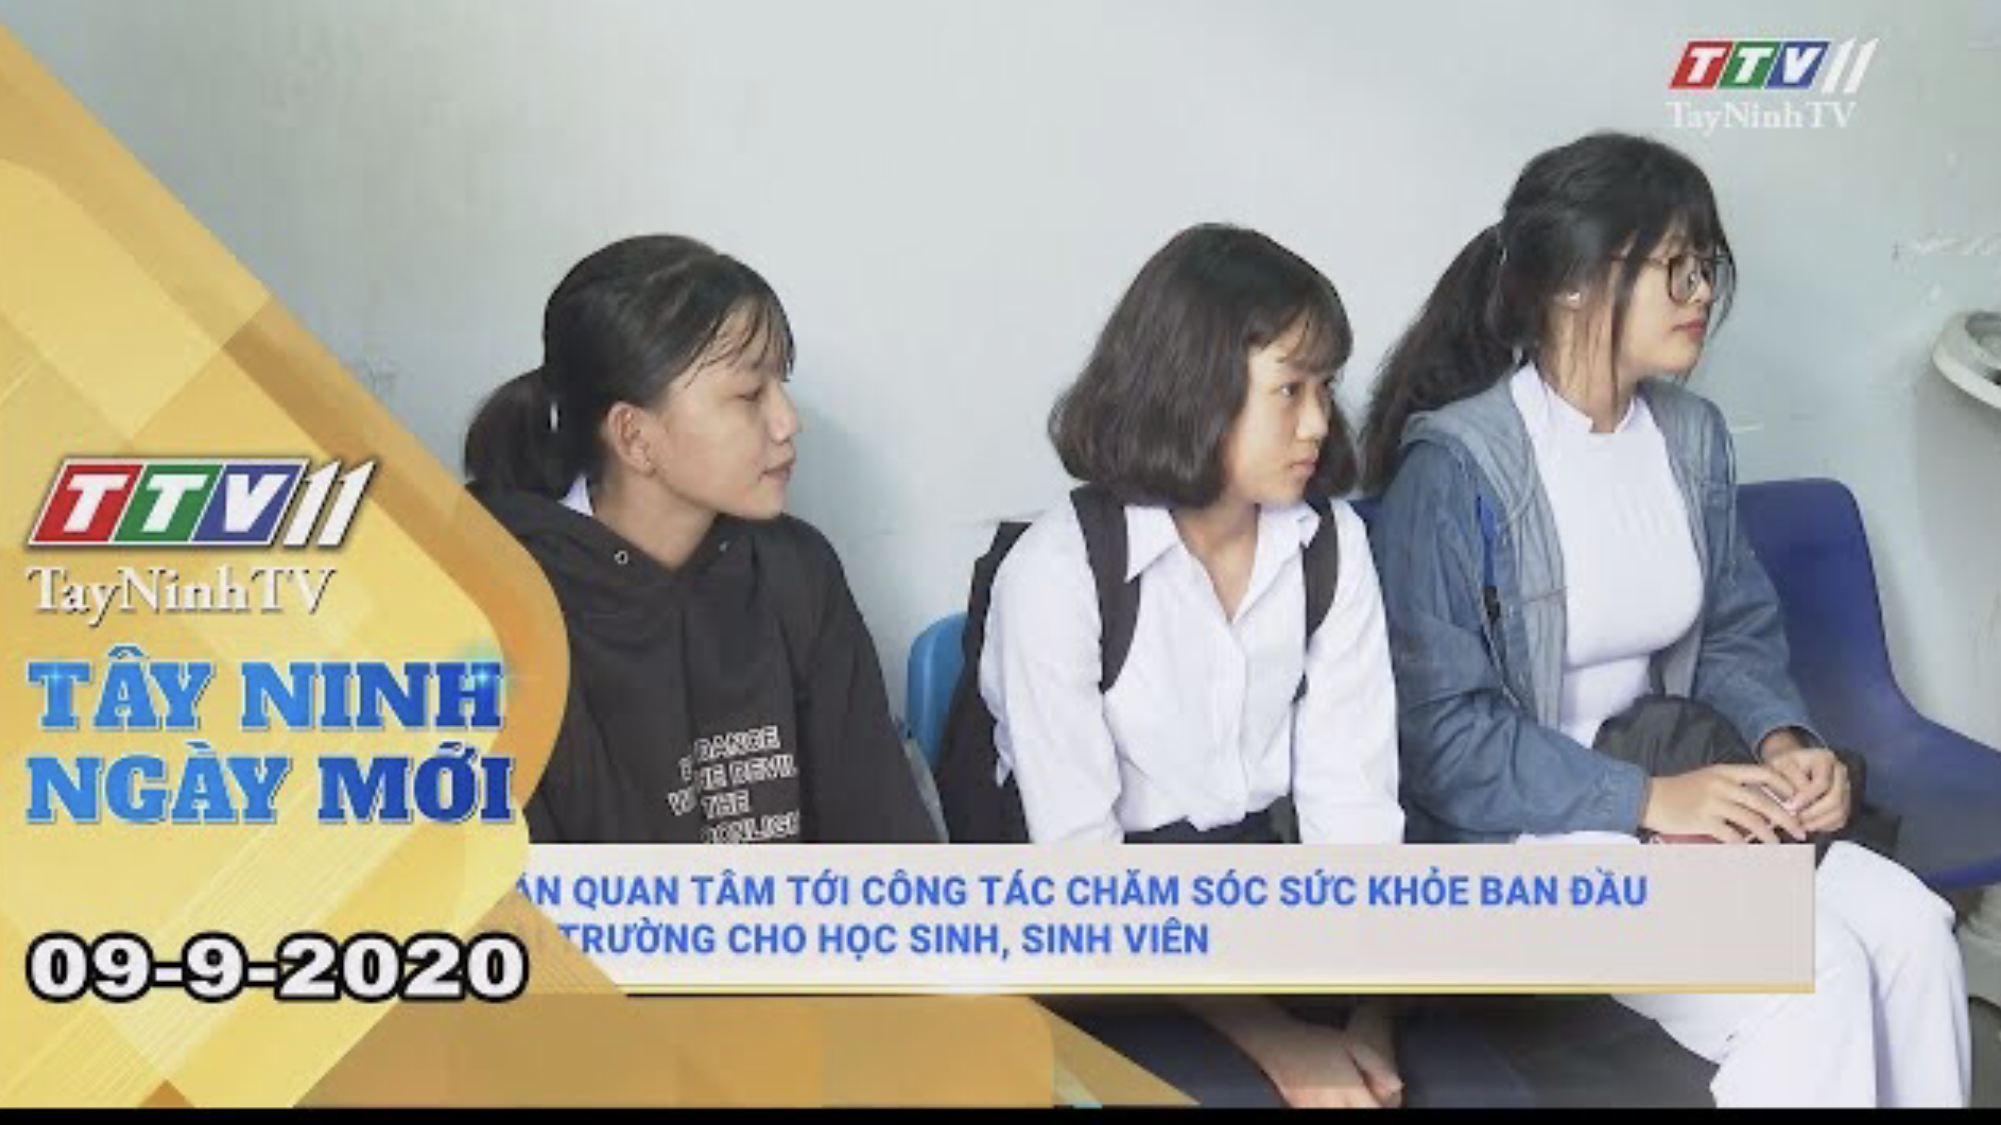 Tây Ninh Ngày Mới 09-9-2020 | Tin tức hôm nay | TayNinhTV